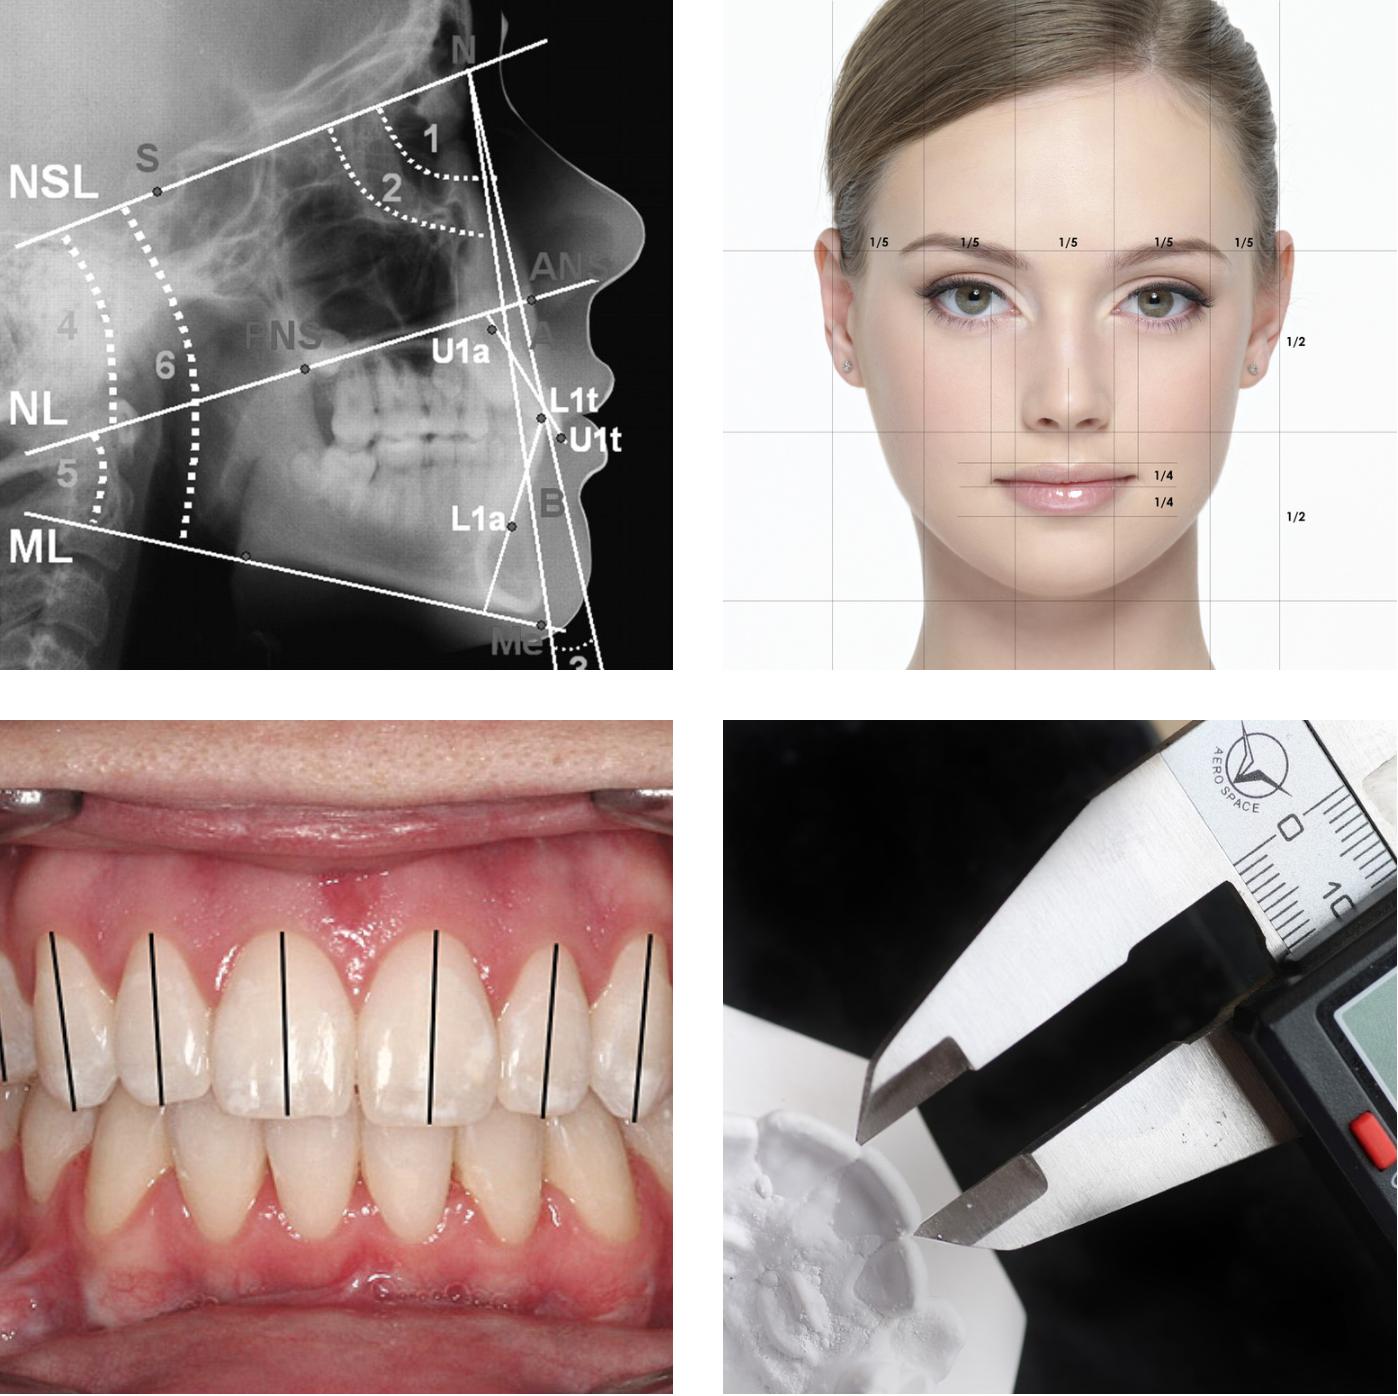 Orthodontic Records